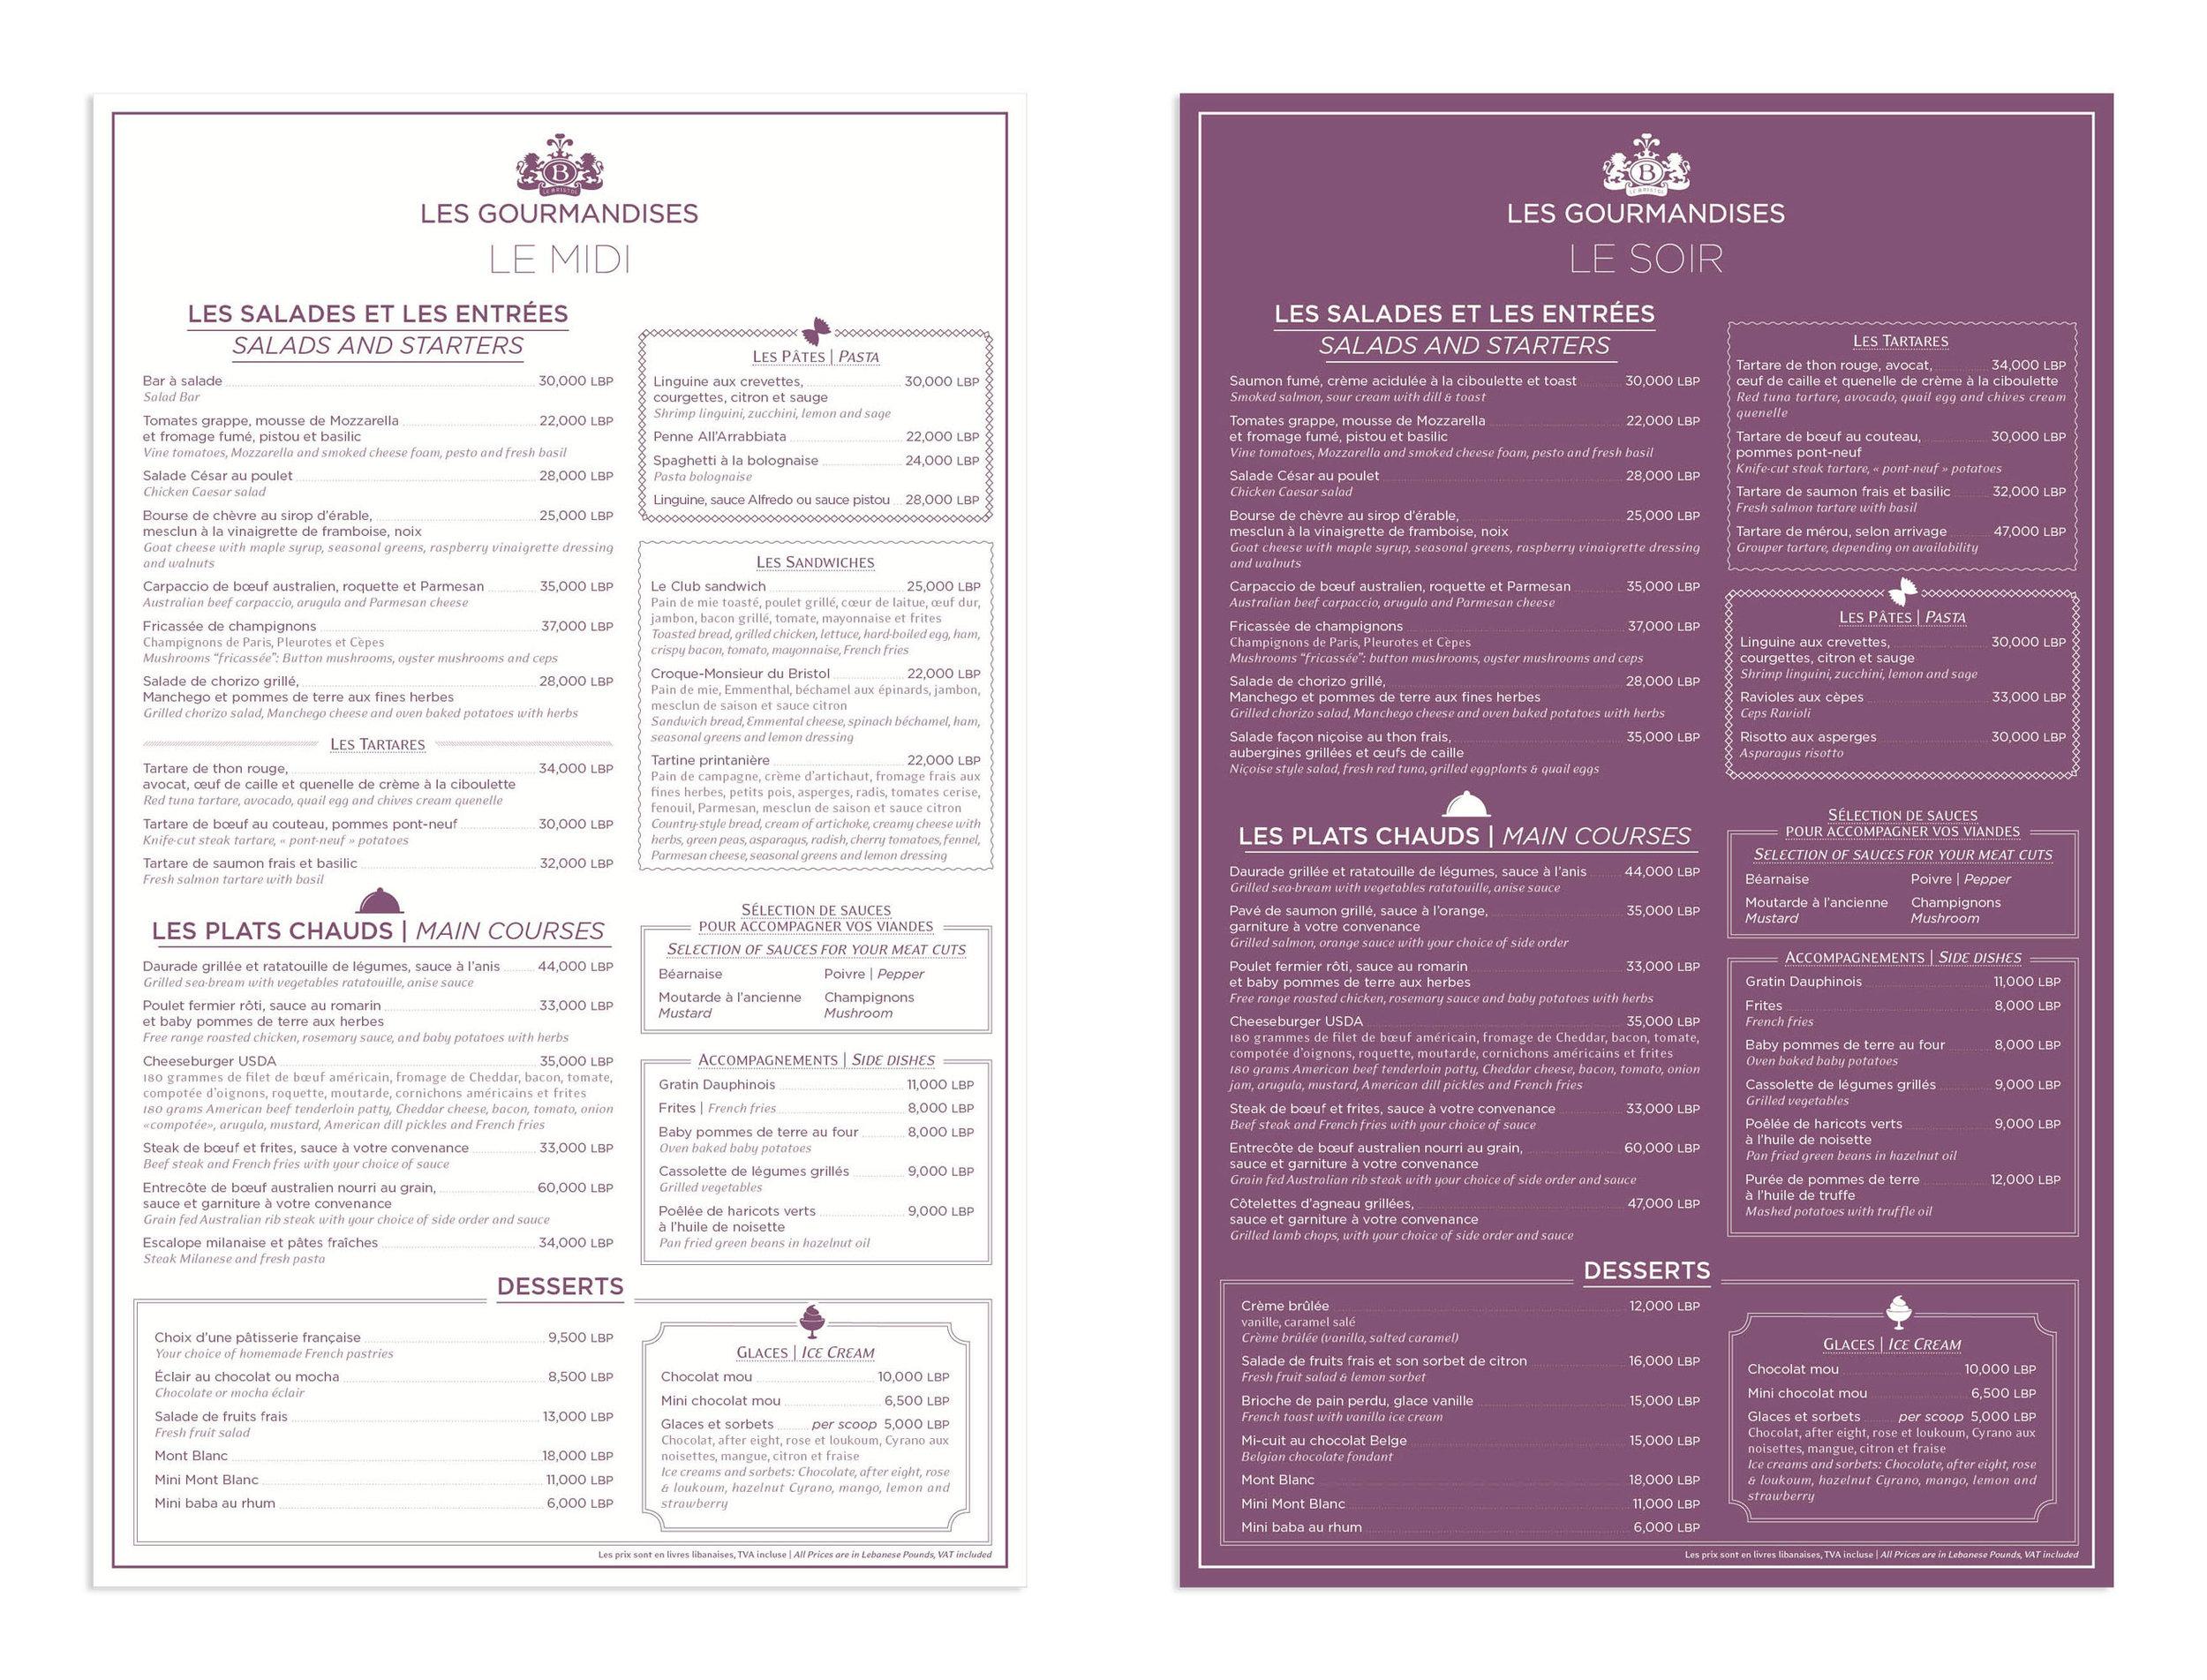 Les-Gourmandises-Menu-Brasserie.jpg